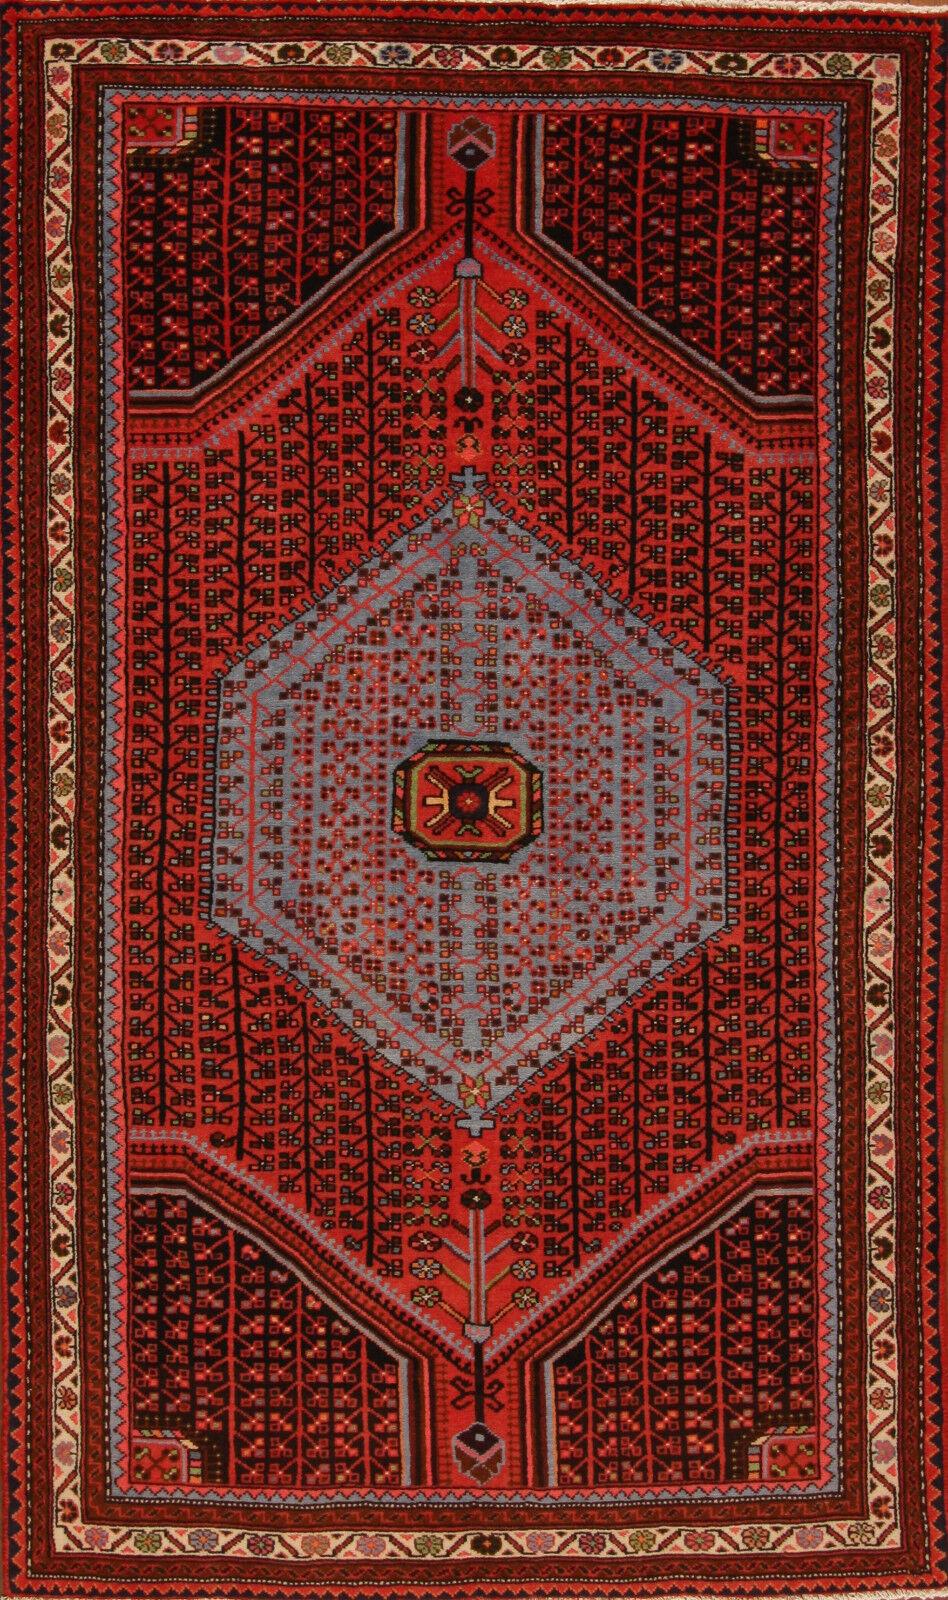 Alfombras Orientales Auténticas Hechas a Mano Persas N º 310729 (220 X 130) cm